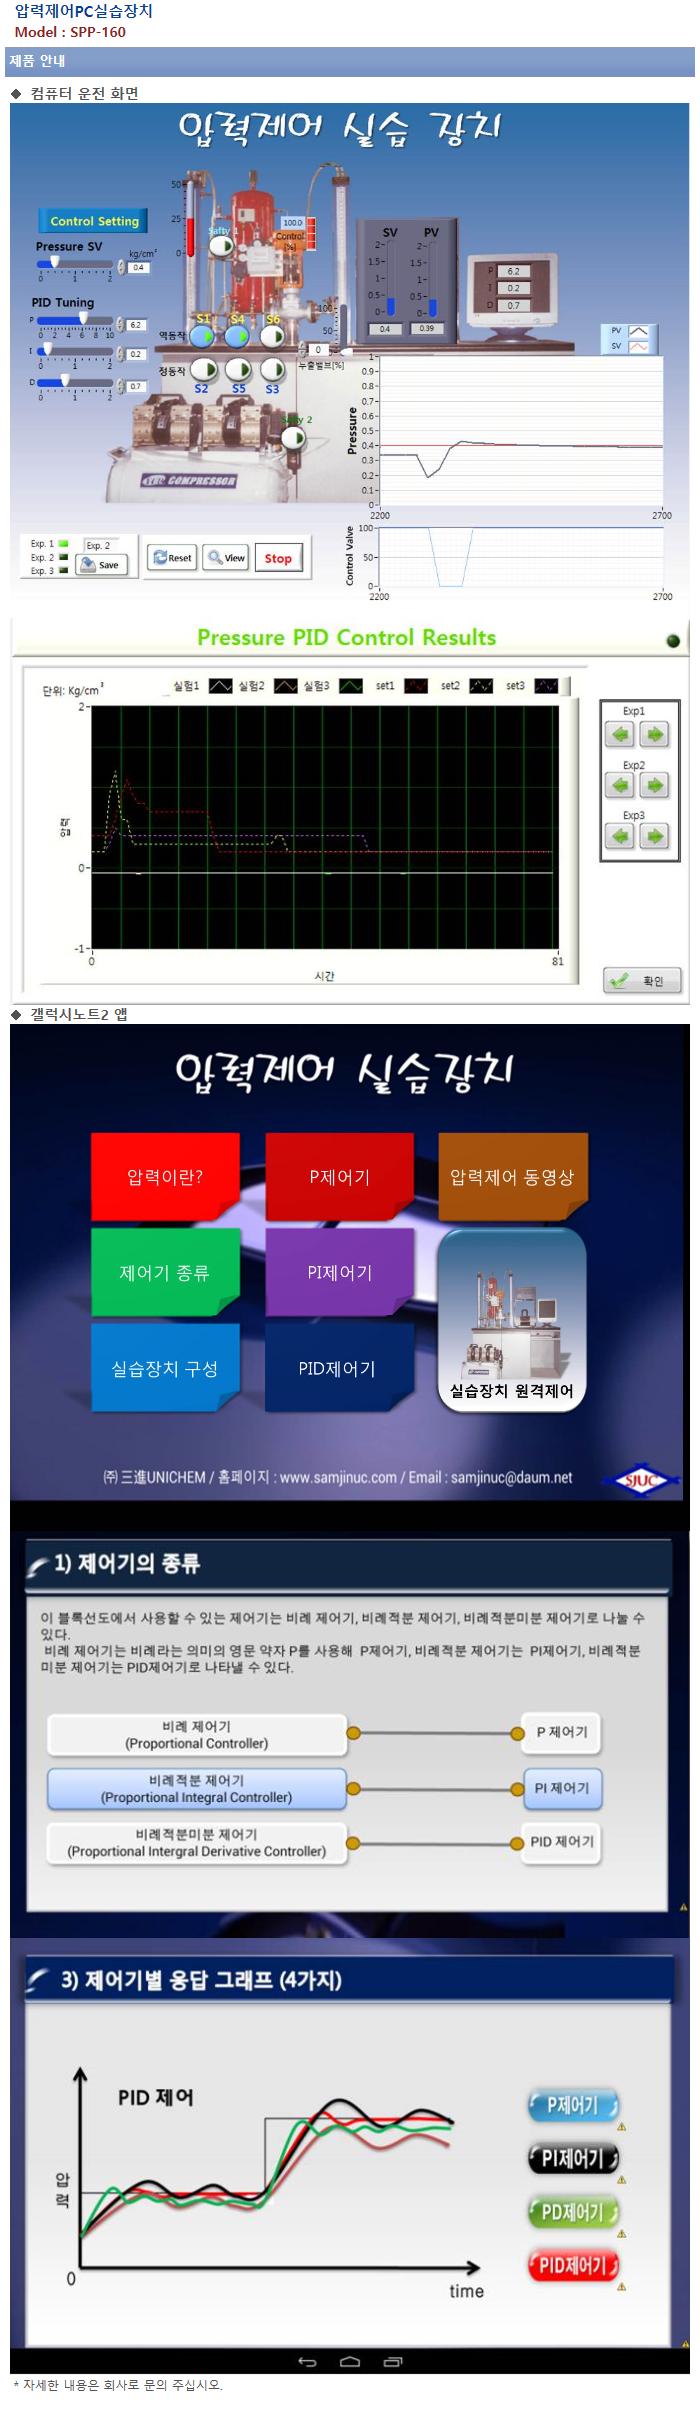 (주)삼진유니켐 압력제어PC실습장치 SPP-160